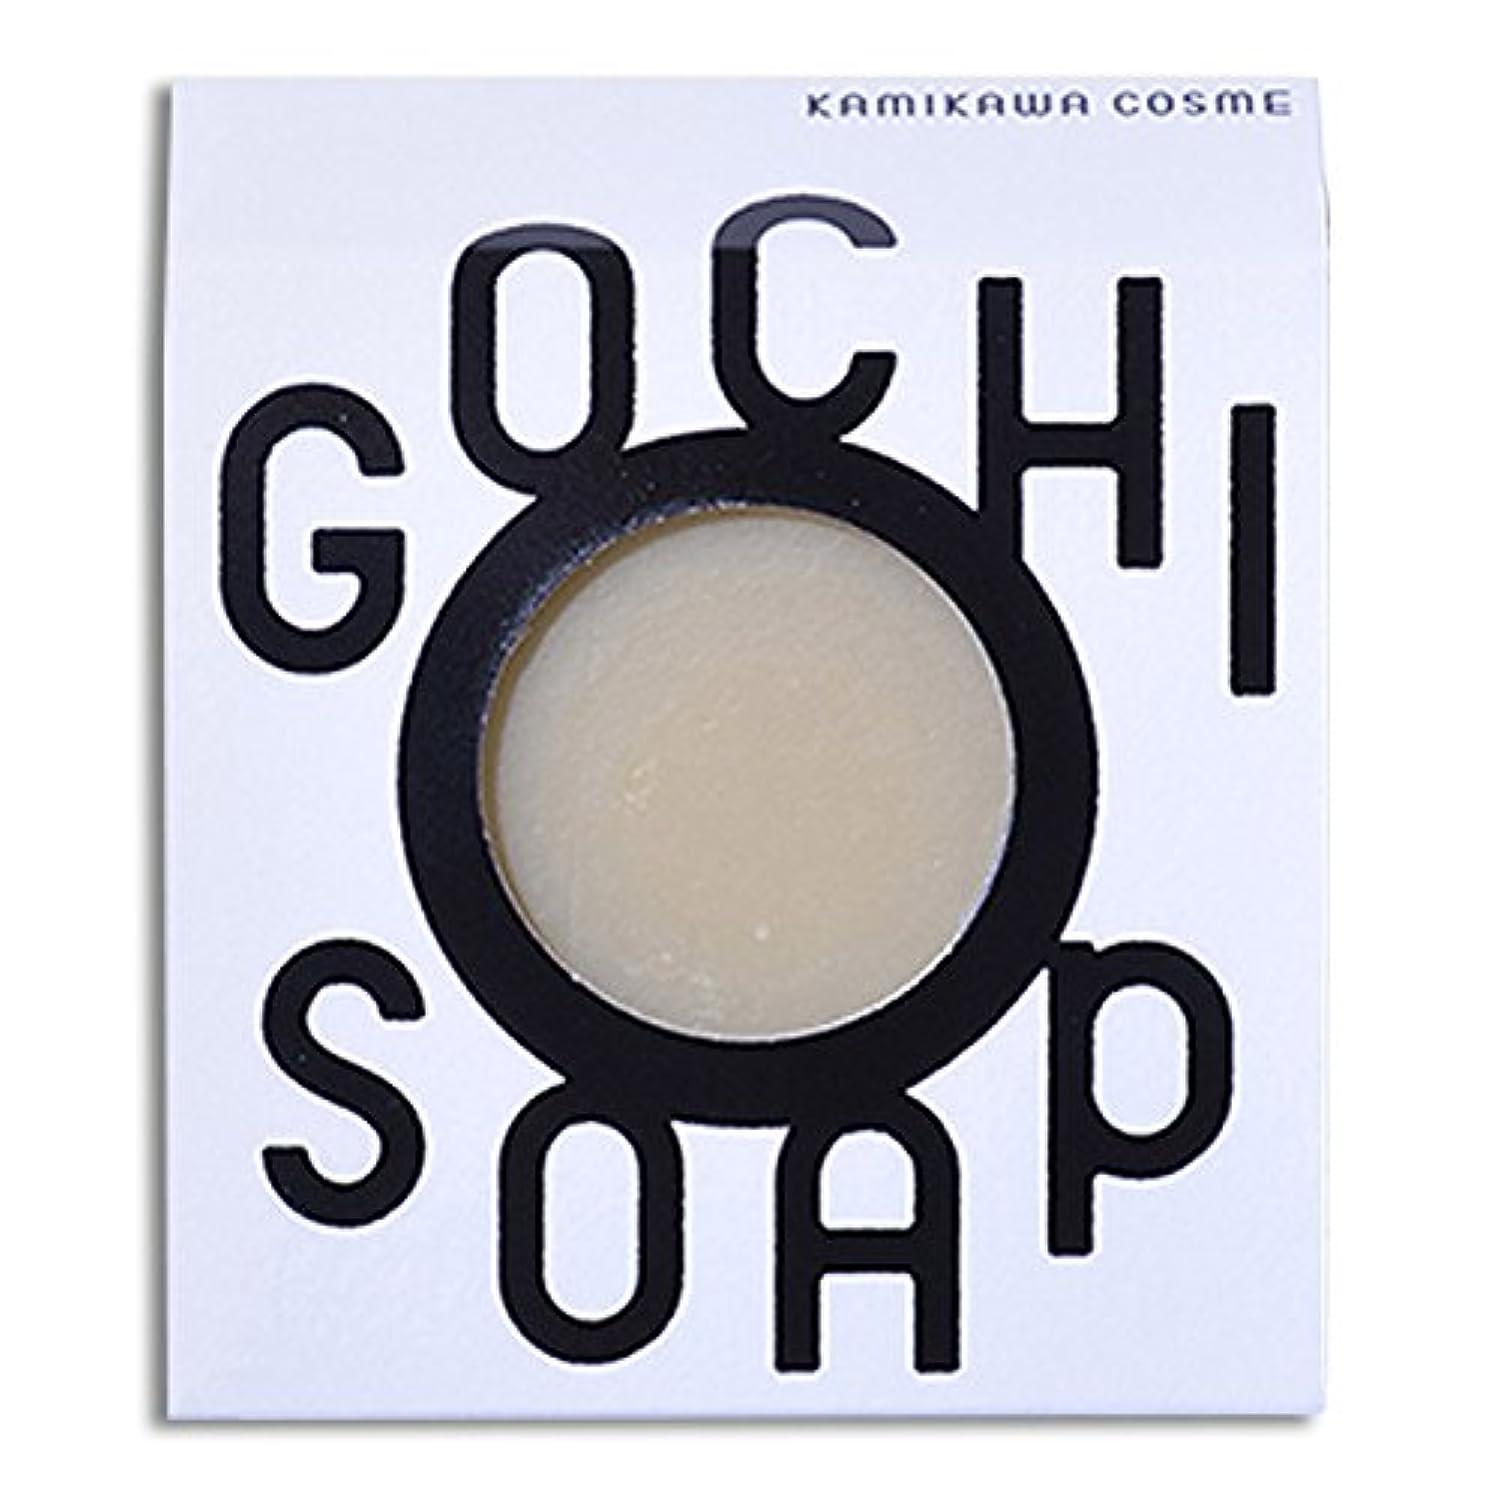 とても科学的重くする道北の素材を使用したコスメブランド GOCHI SOAP(伊勢ファームの牛乳ソープ・平田こうじ店の米糀ソープ)各1個セット